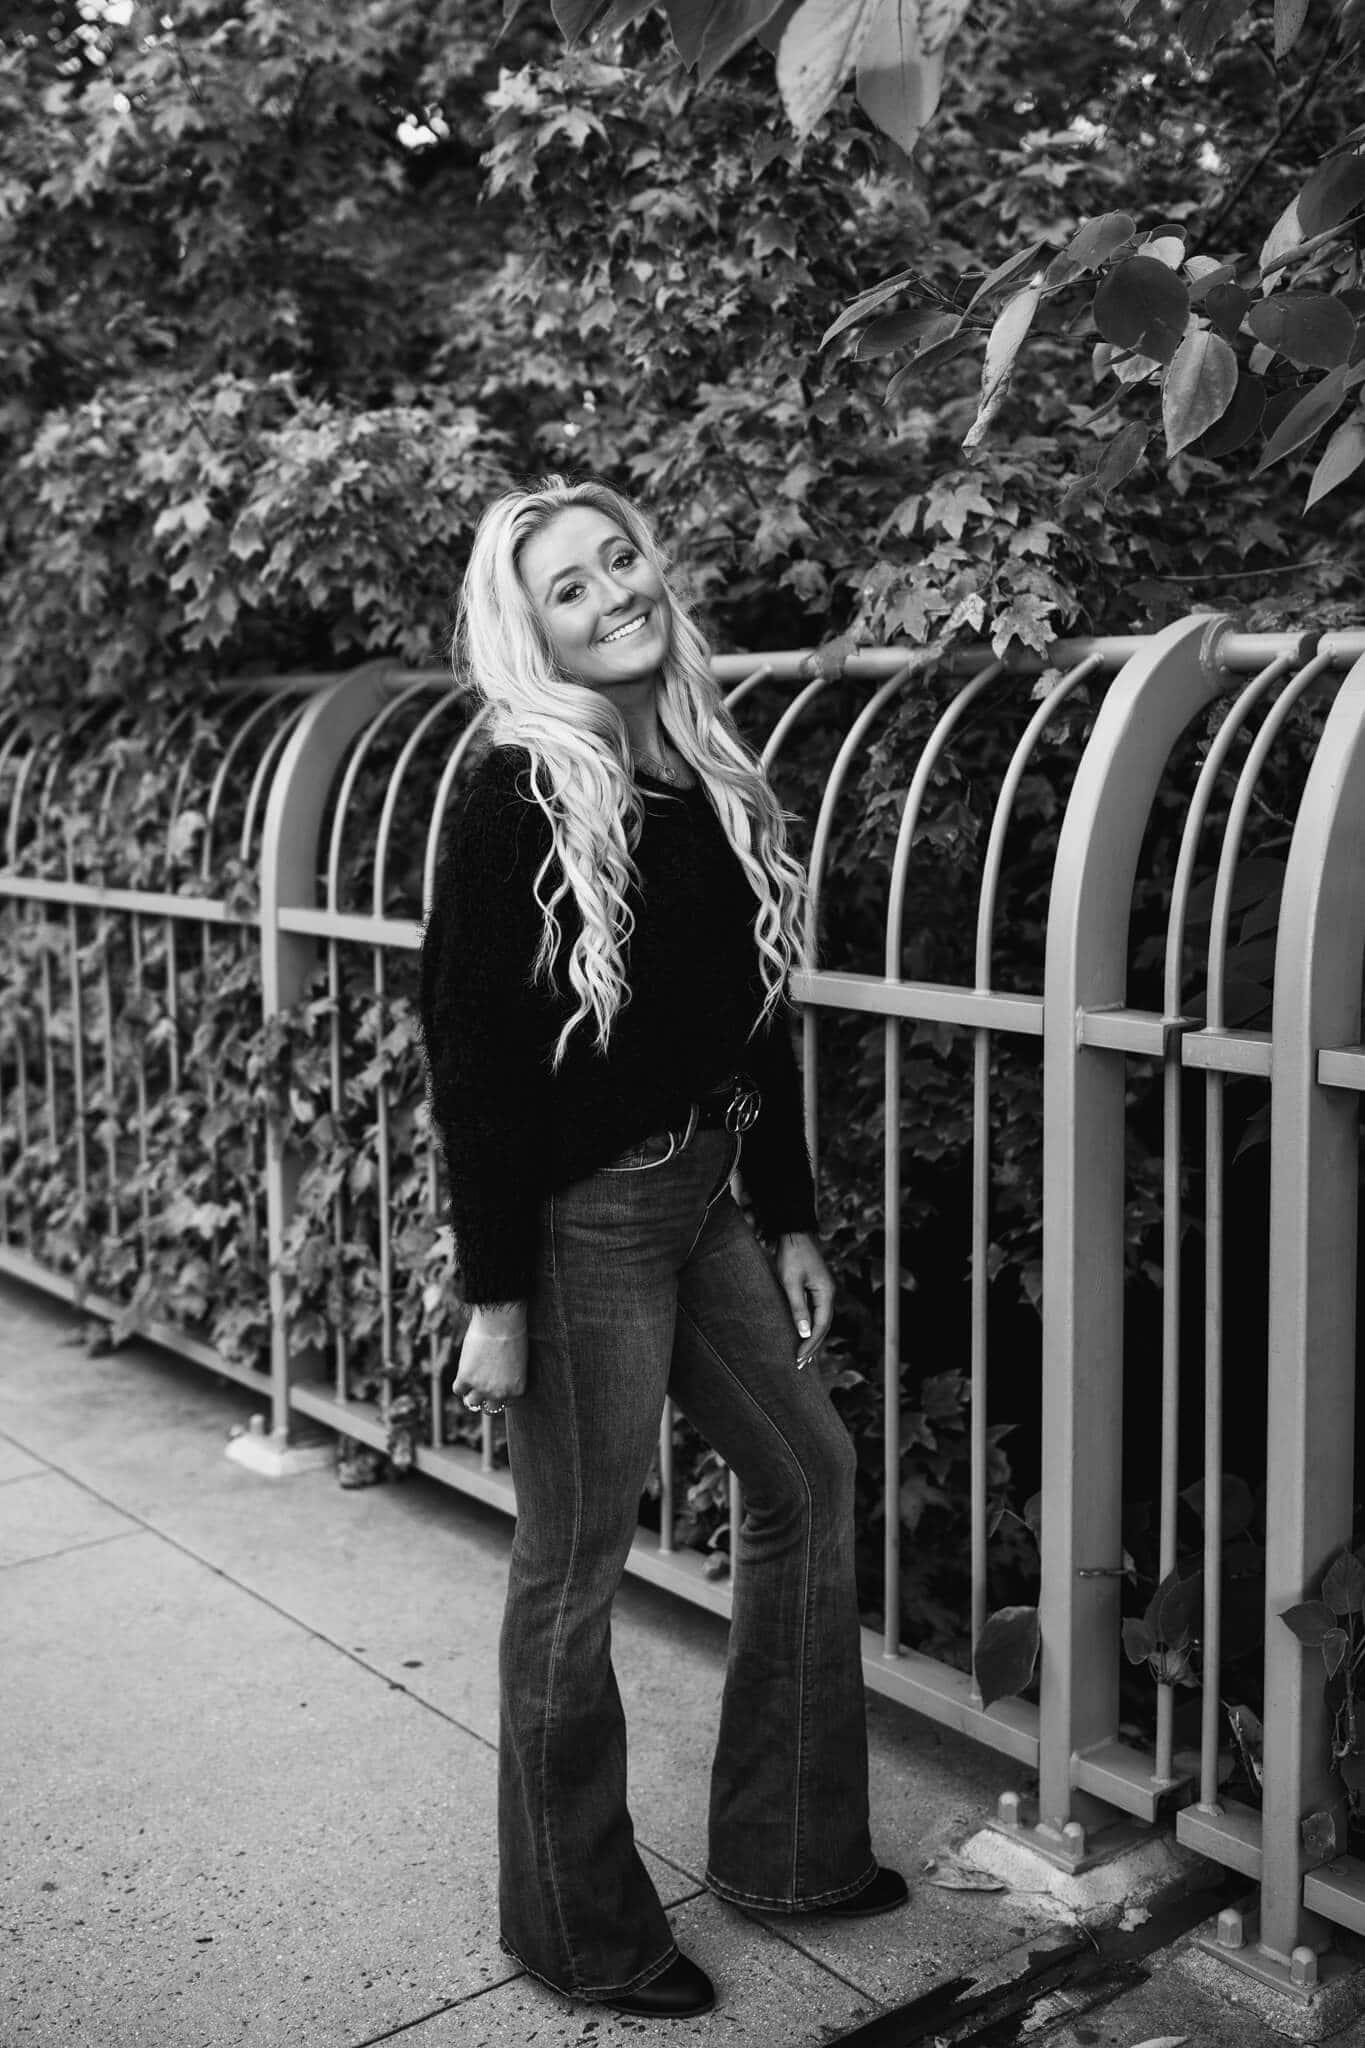 high school senior girl in black and white